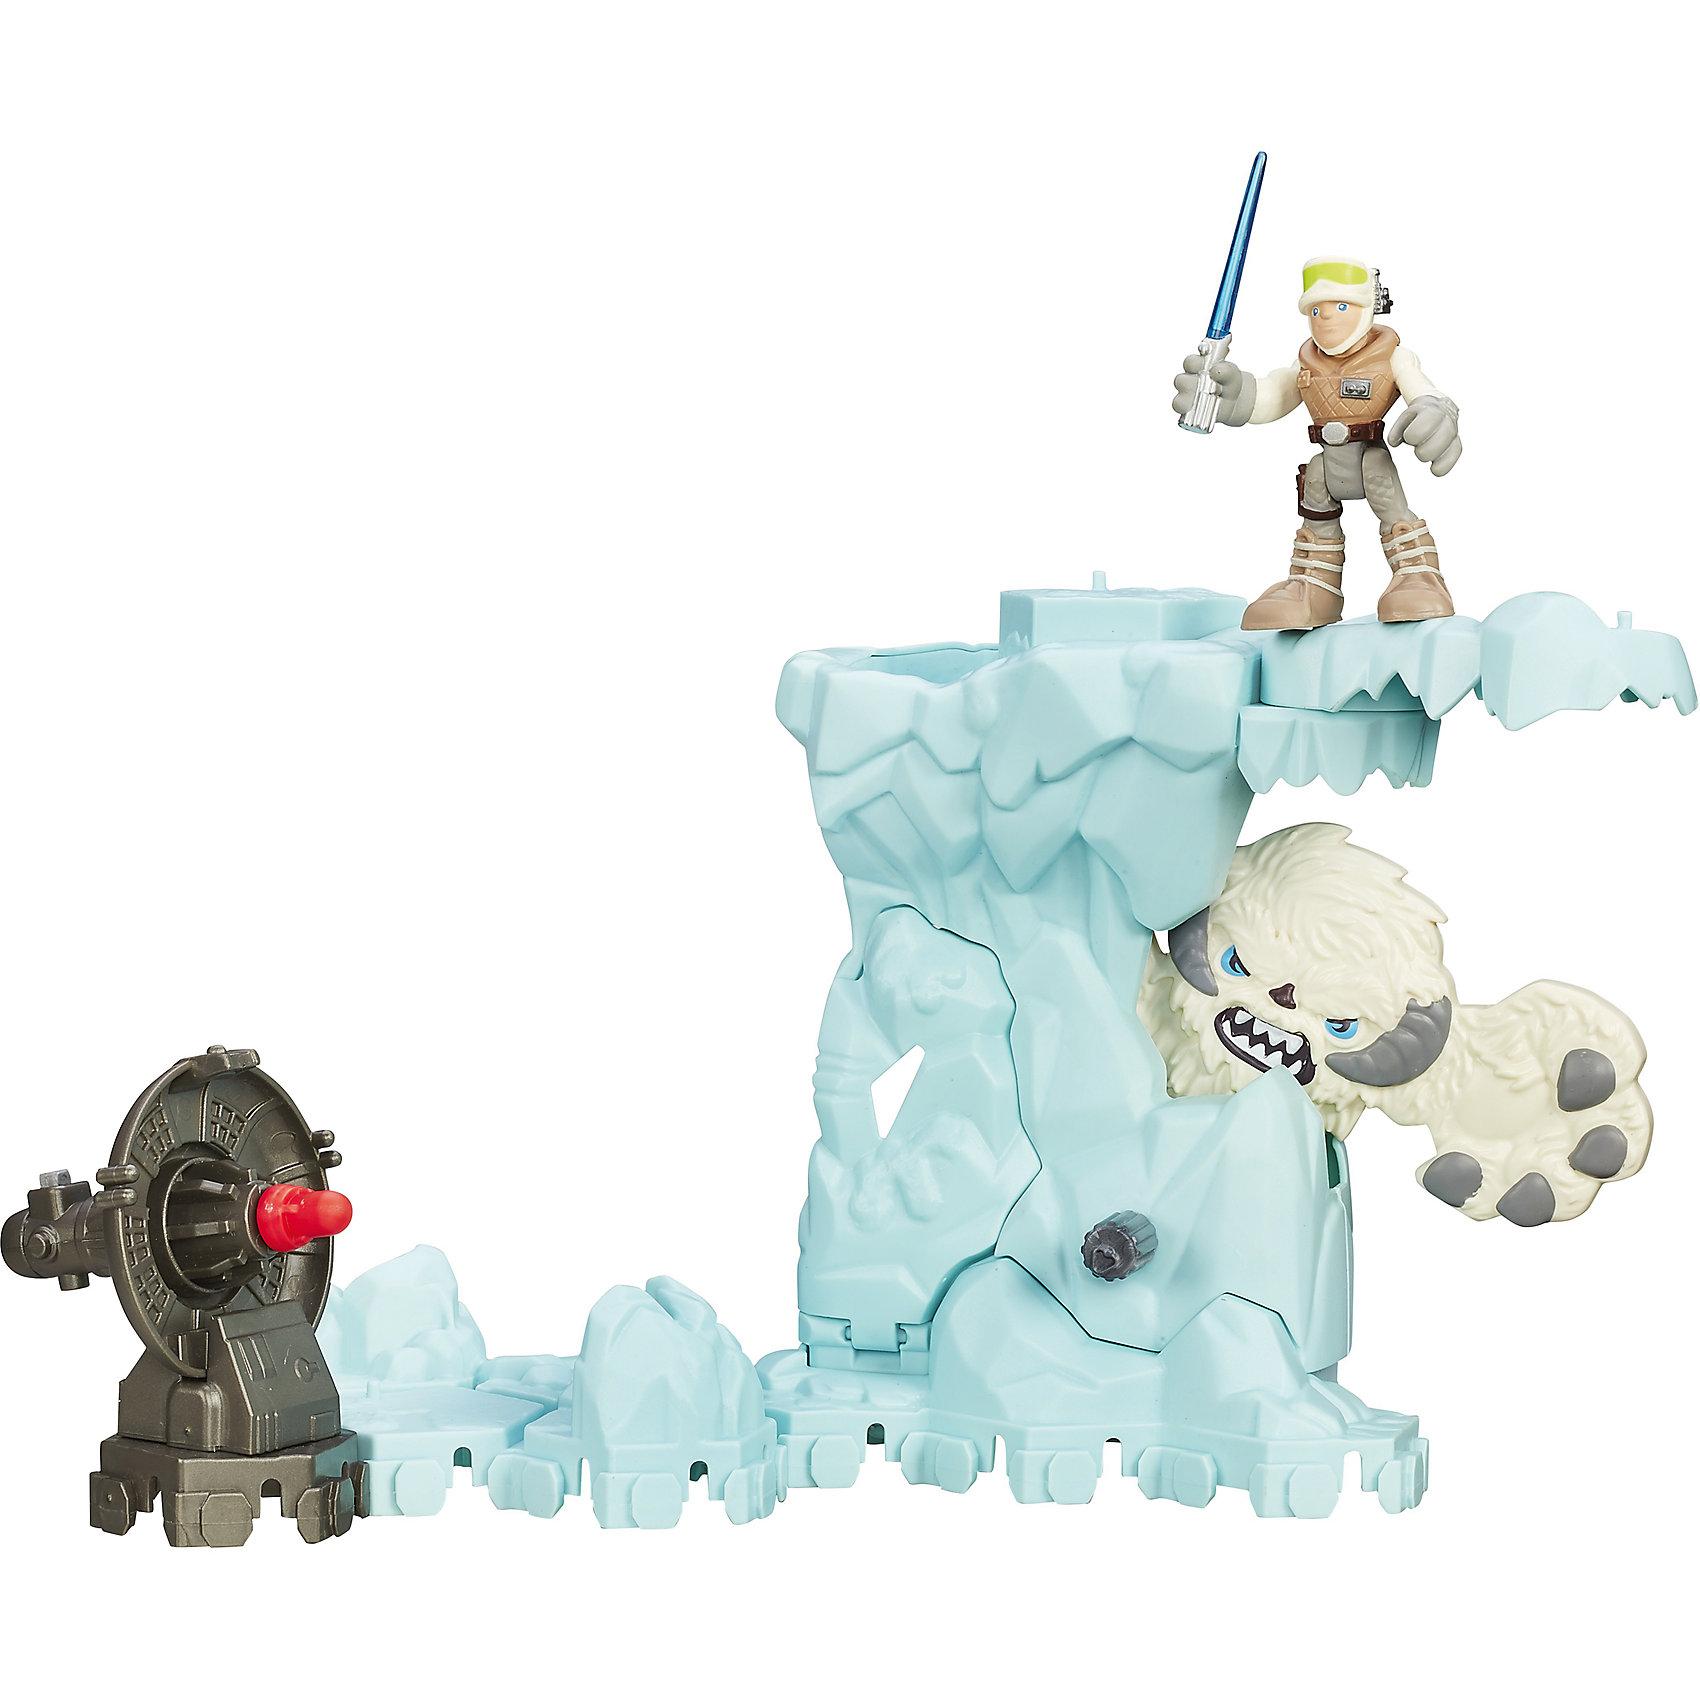 Набор Приключение, Звездные войны, PLAYSKOOL Heroes, B2031/B2030Игрушки<br>Набор Приключение порадует самых юных поклонников известной киносаги Star Wars. Помоги Люку Скайуокеру преодолеть грозного Вампу в ледяной пещере. Если покрутить колесо, чудовище выползет из укрытия - выстрели в него из мощного пулемета или порази световым мечом.<br>Все детали набора выполнены из высококачественного экологичного пластика с применением безопасных красителей.<br><br>Дополнительная информация:<br><br>- Материал: пластик.<br>- Размер упаковки: 20, 25,4х8 см.<br>- Высота фигурки Люка Скайуокера: 5 см. <br>- Комплектация: ледяная стена, фигурка Люка Скайуокера, фигурка Вампы, оружие, снаряд.<br>- Фигурка с подвижными конечностями. <br><br>Набор Приключение, Звездные войны, PLAYSKOOL Heroes, можно купить в нашем магазине.<br><br>Ширина мм: 81<br>Глубина мм: 254<br>Высота мм: 203<br>Вес г: 549<br>Возраст от месяцев: 36<br>Возраст до месяцев: 84<br>Пол: Мужской<br>Возраст: Детский<br>SKU: 4563931